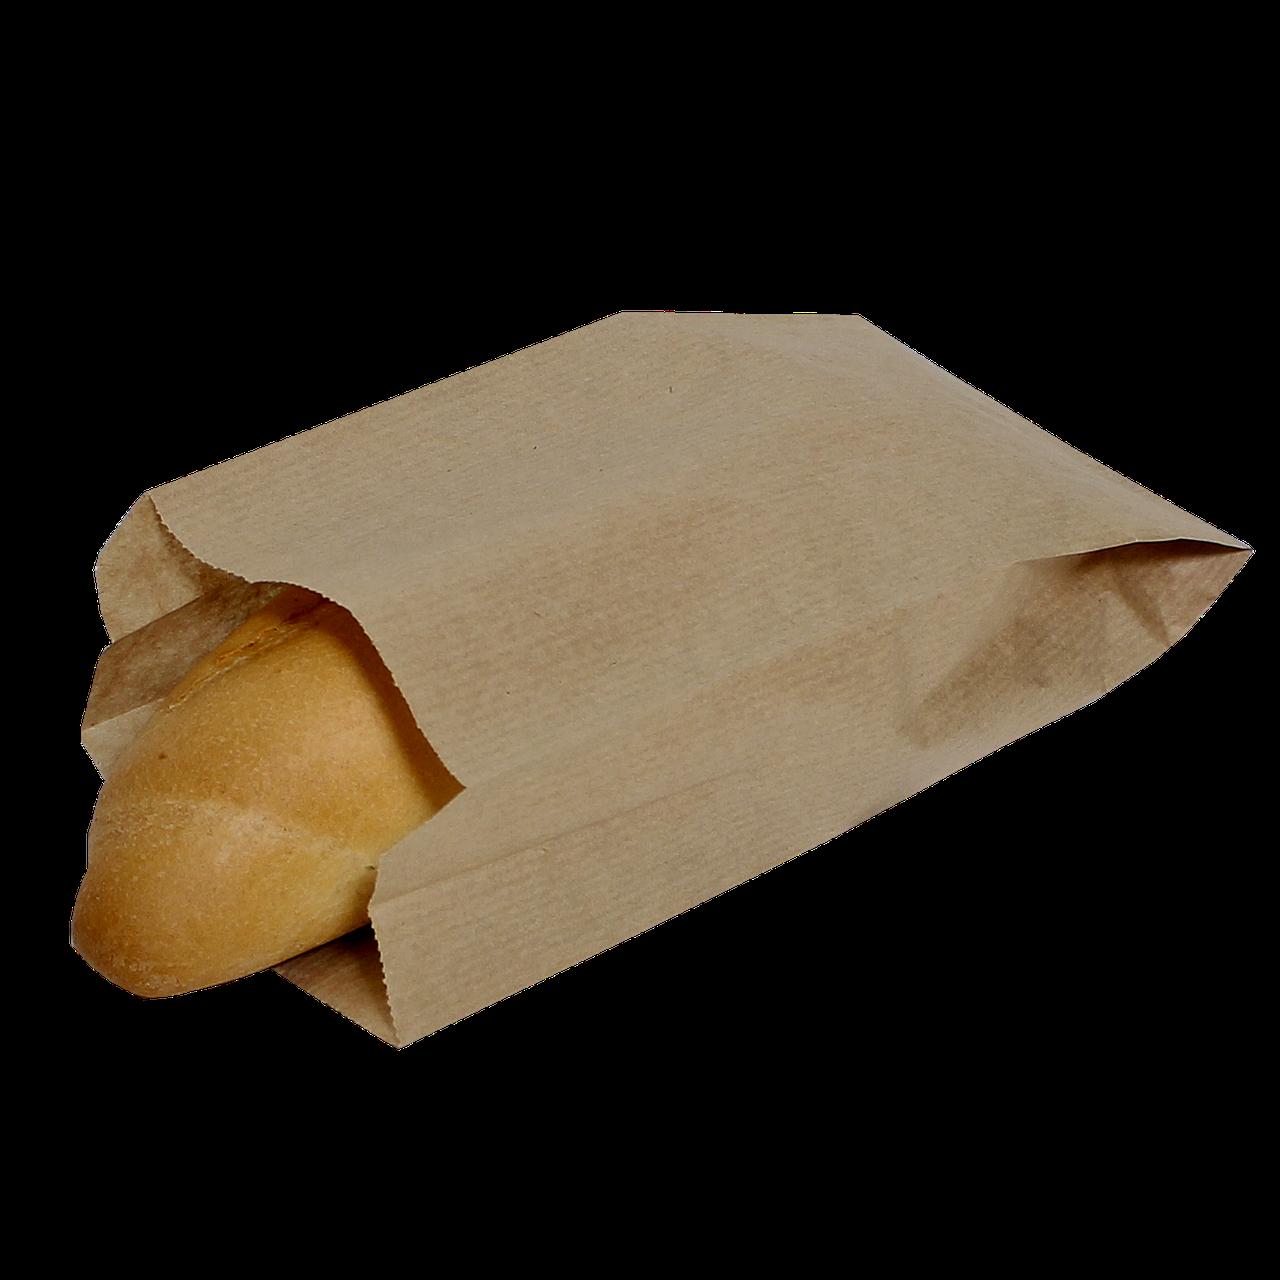 Пакет бумажный 220х140х50мм (ВхШхГ) 40г/м² 100шт (602) Крафт